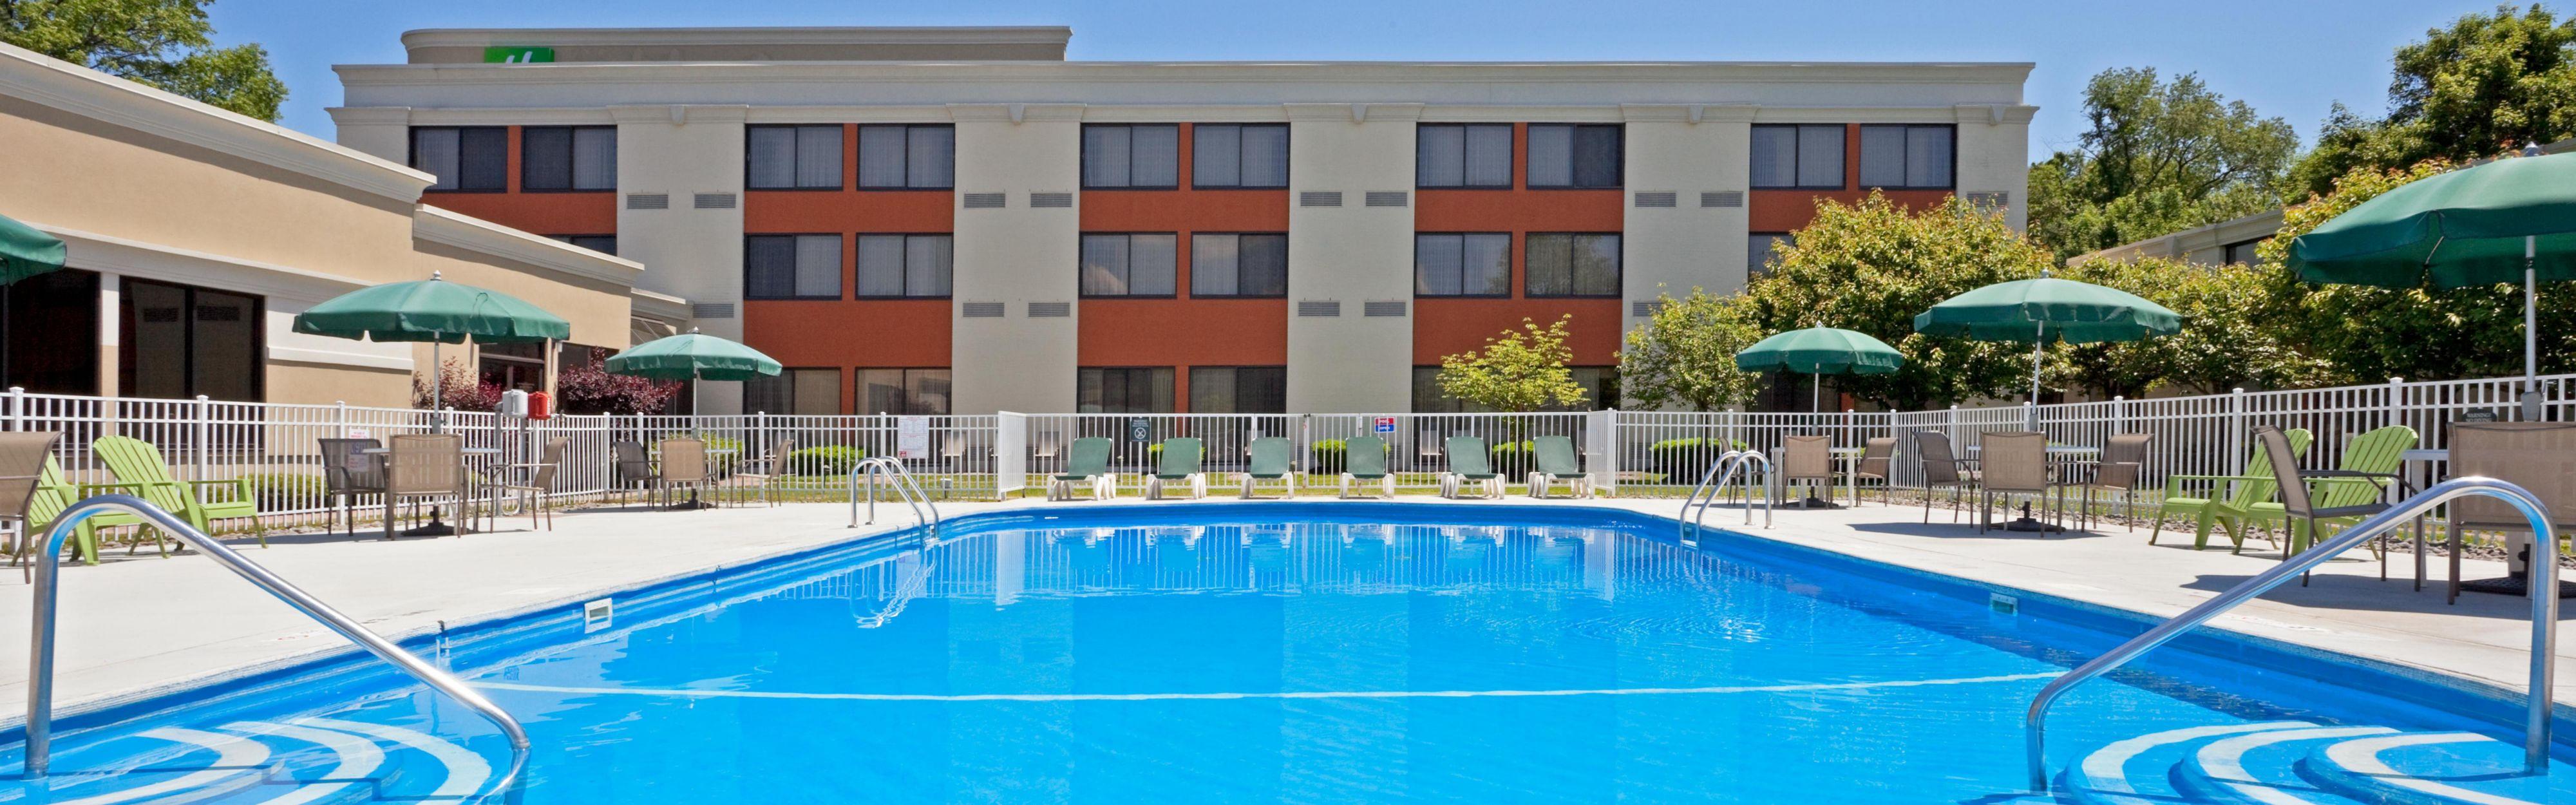 Hotels Near Rockland Ny